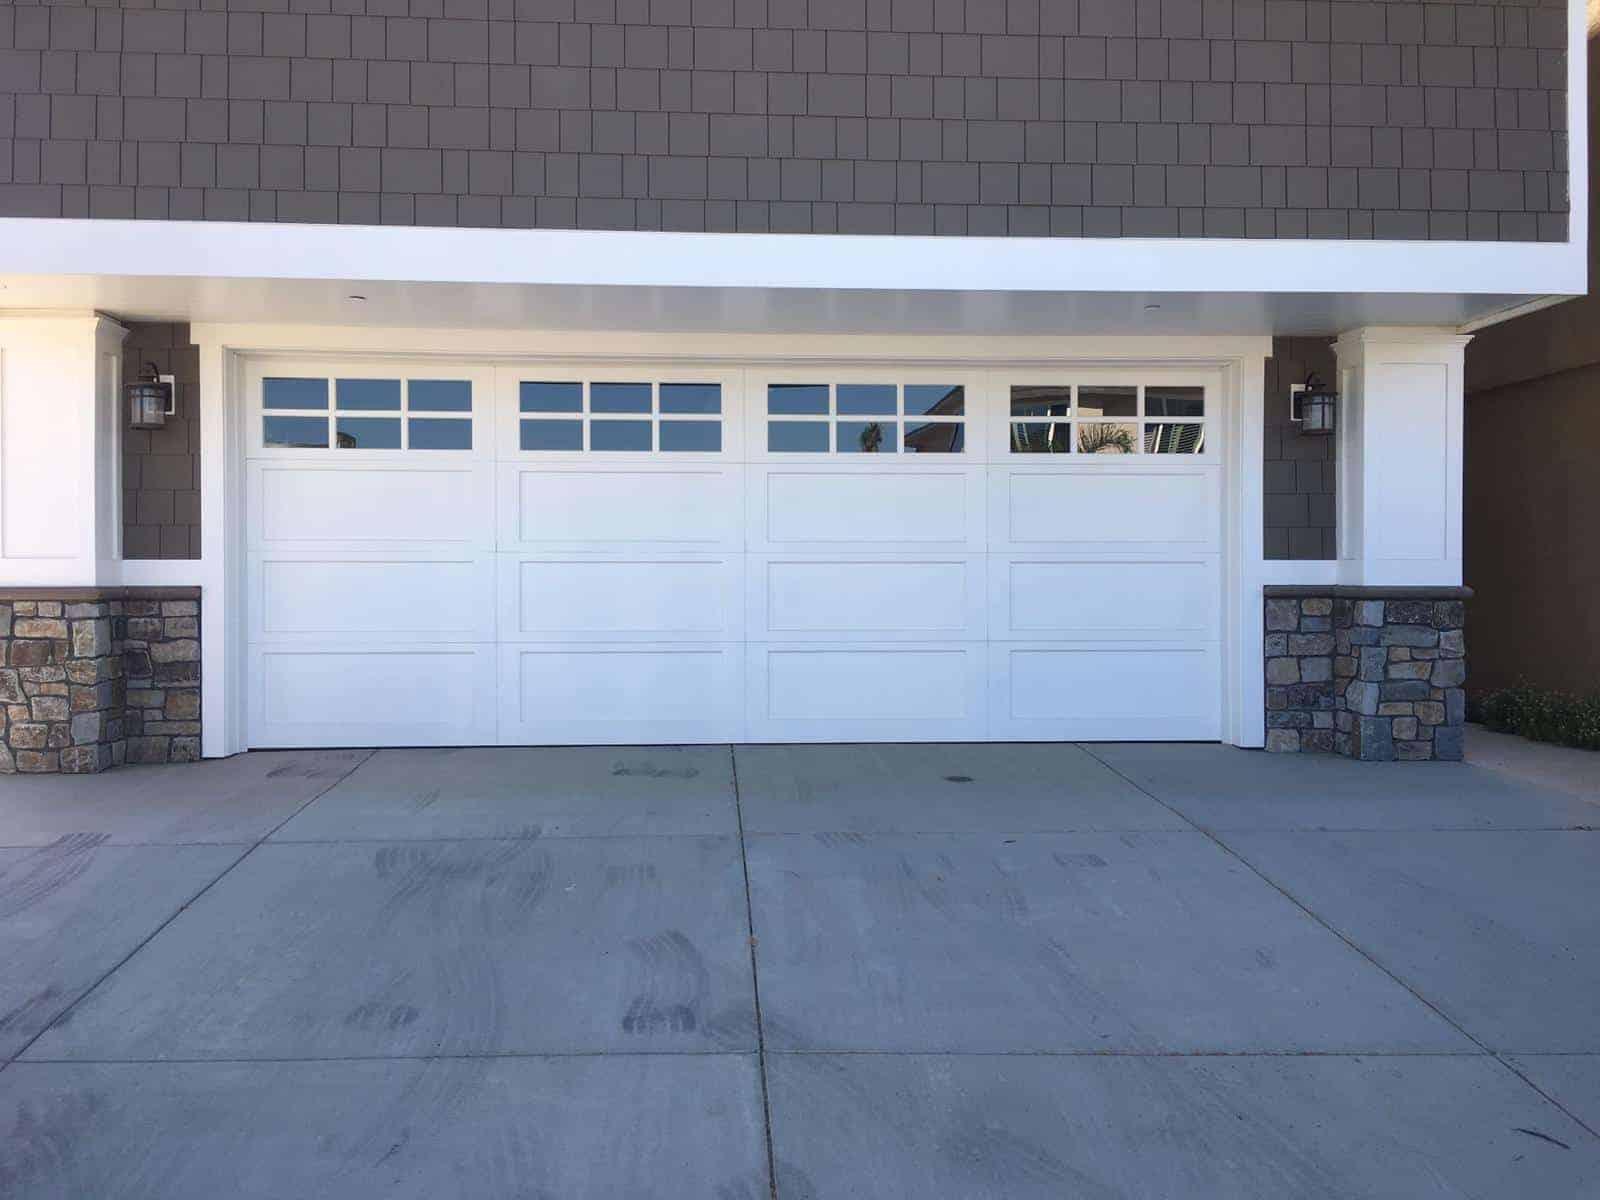 Arden Arcade CA Garage Door Repair & Replacement